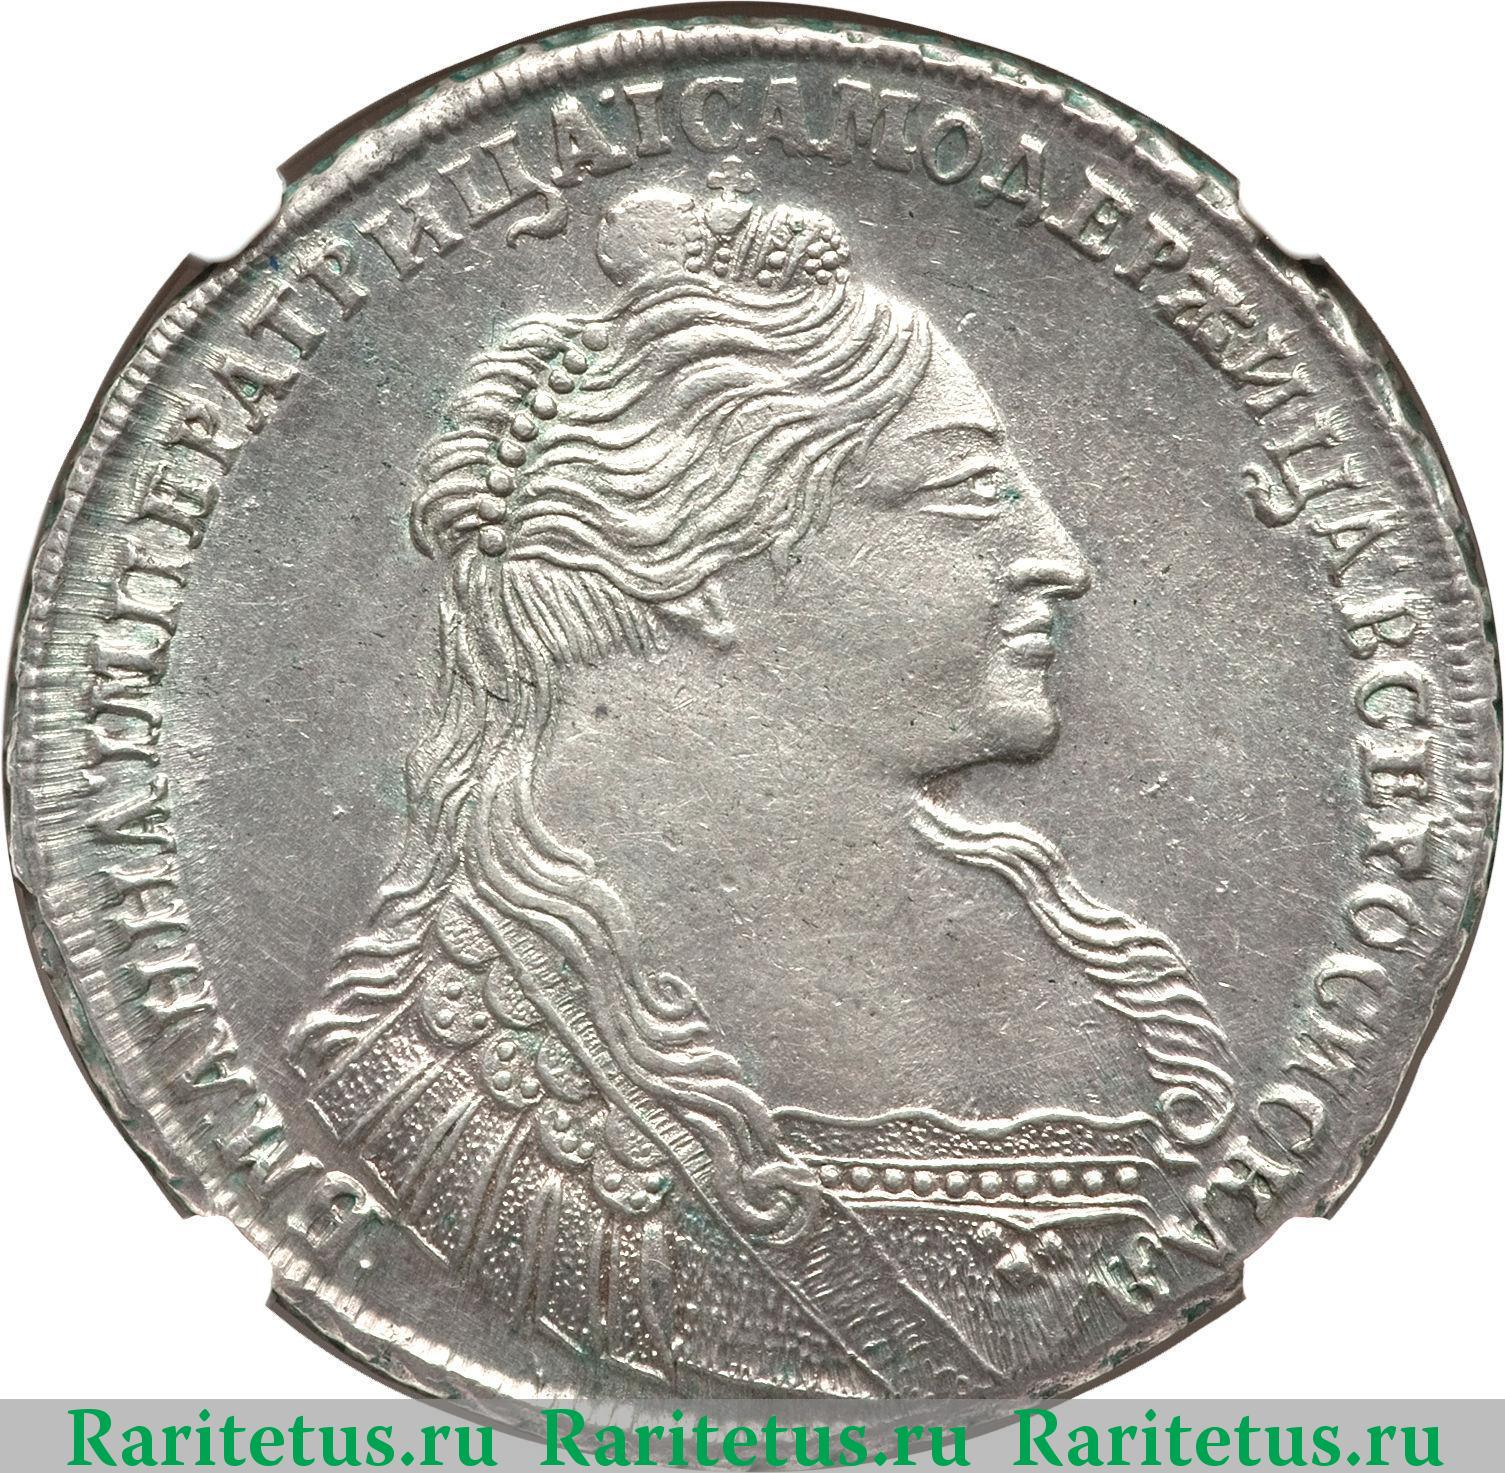 Рубль 1735 продажа царских монет в московской области